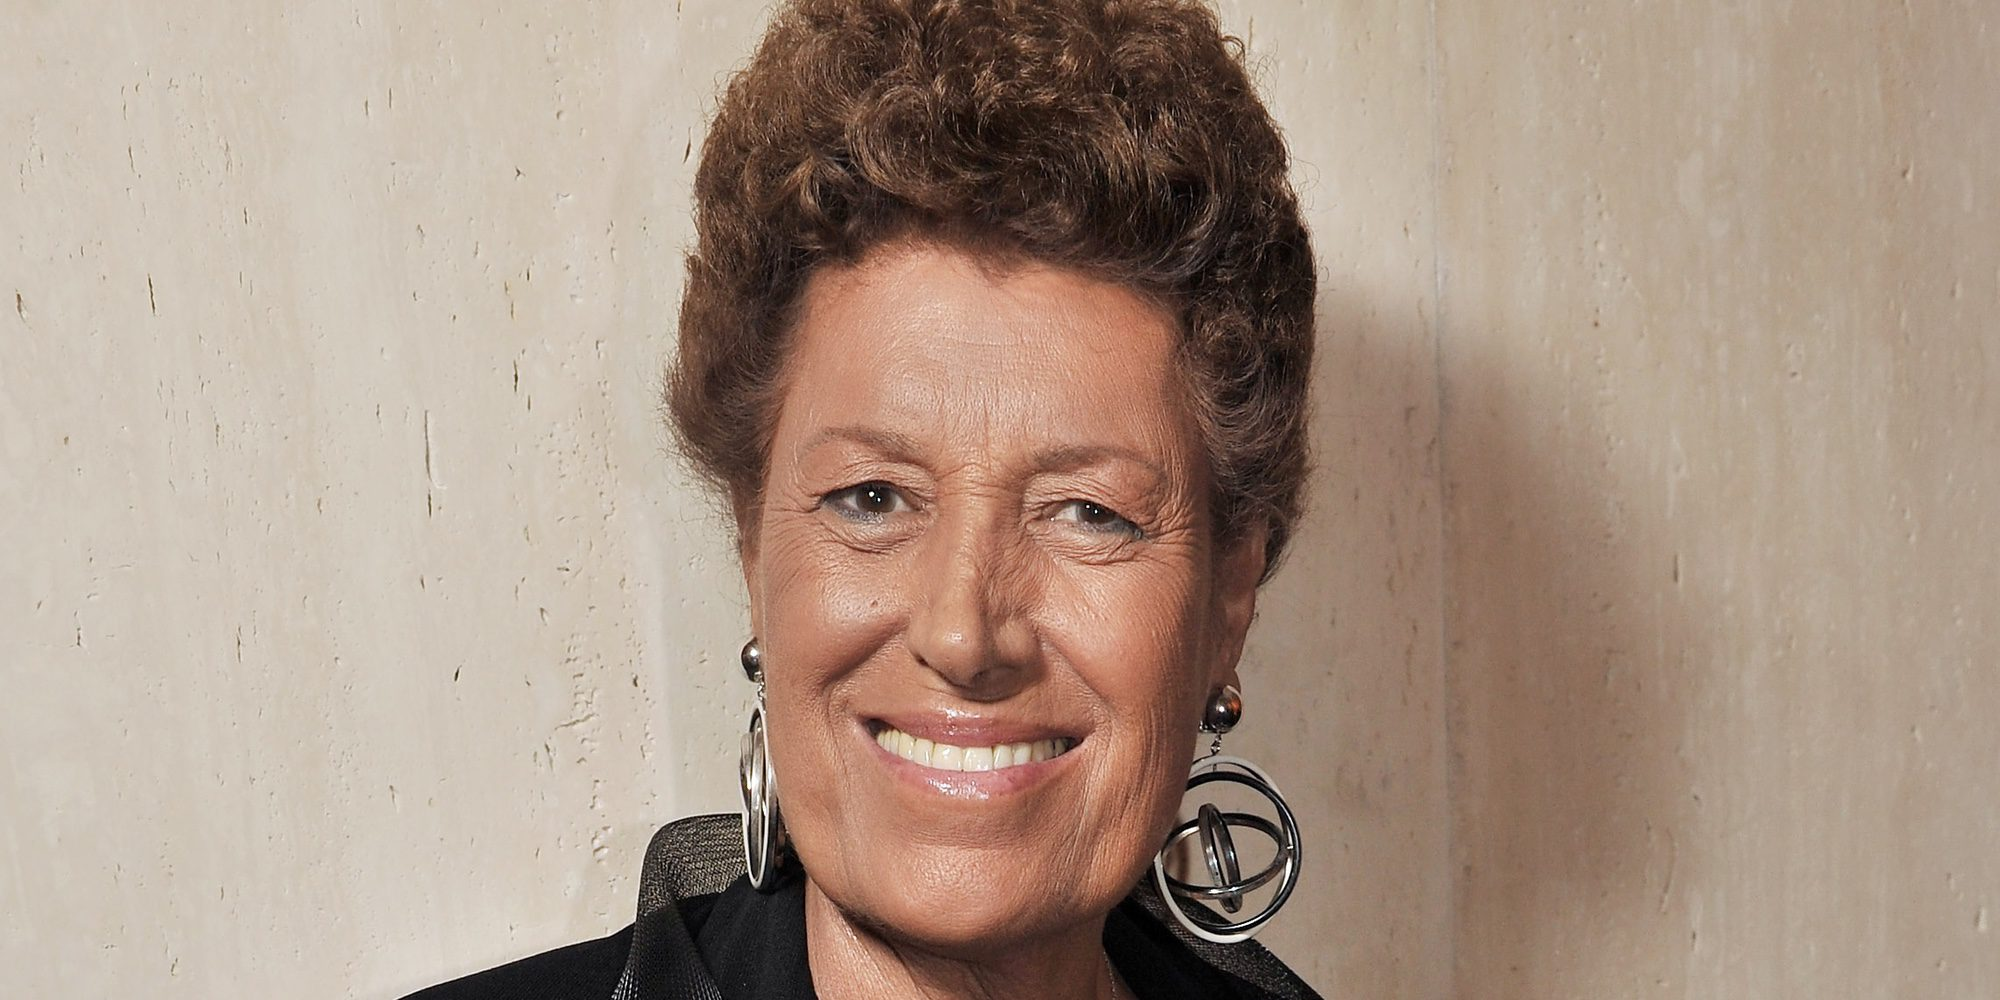 Muere Carla Fendi, diseñadora de la prestigiosa marca Fendi, a los 79 años